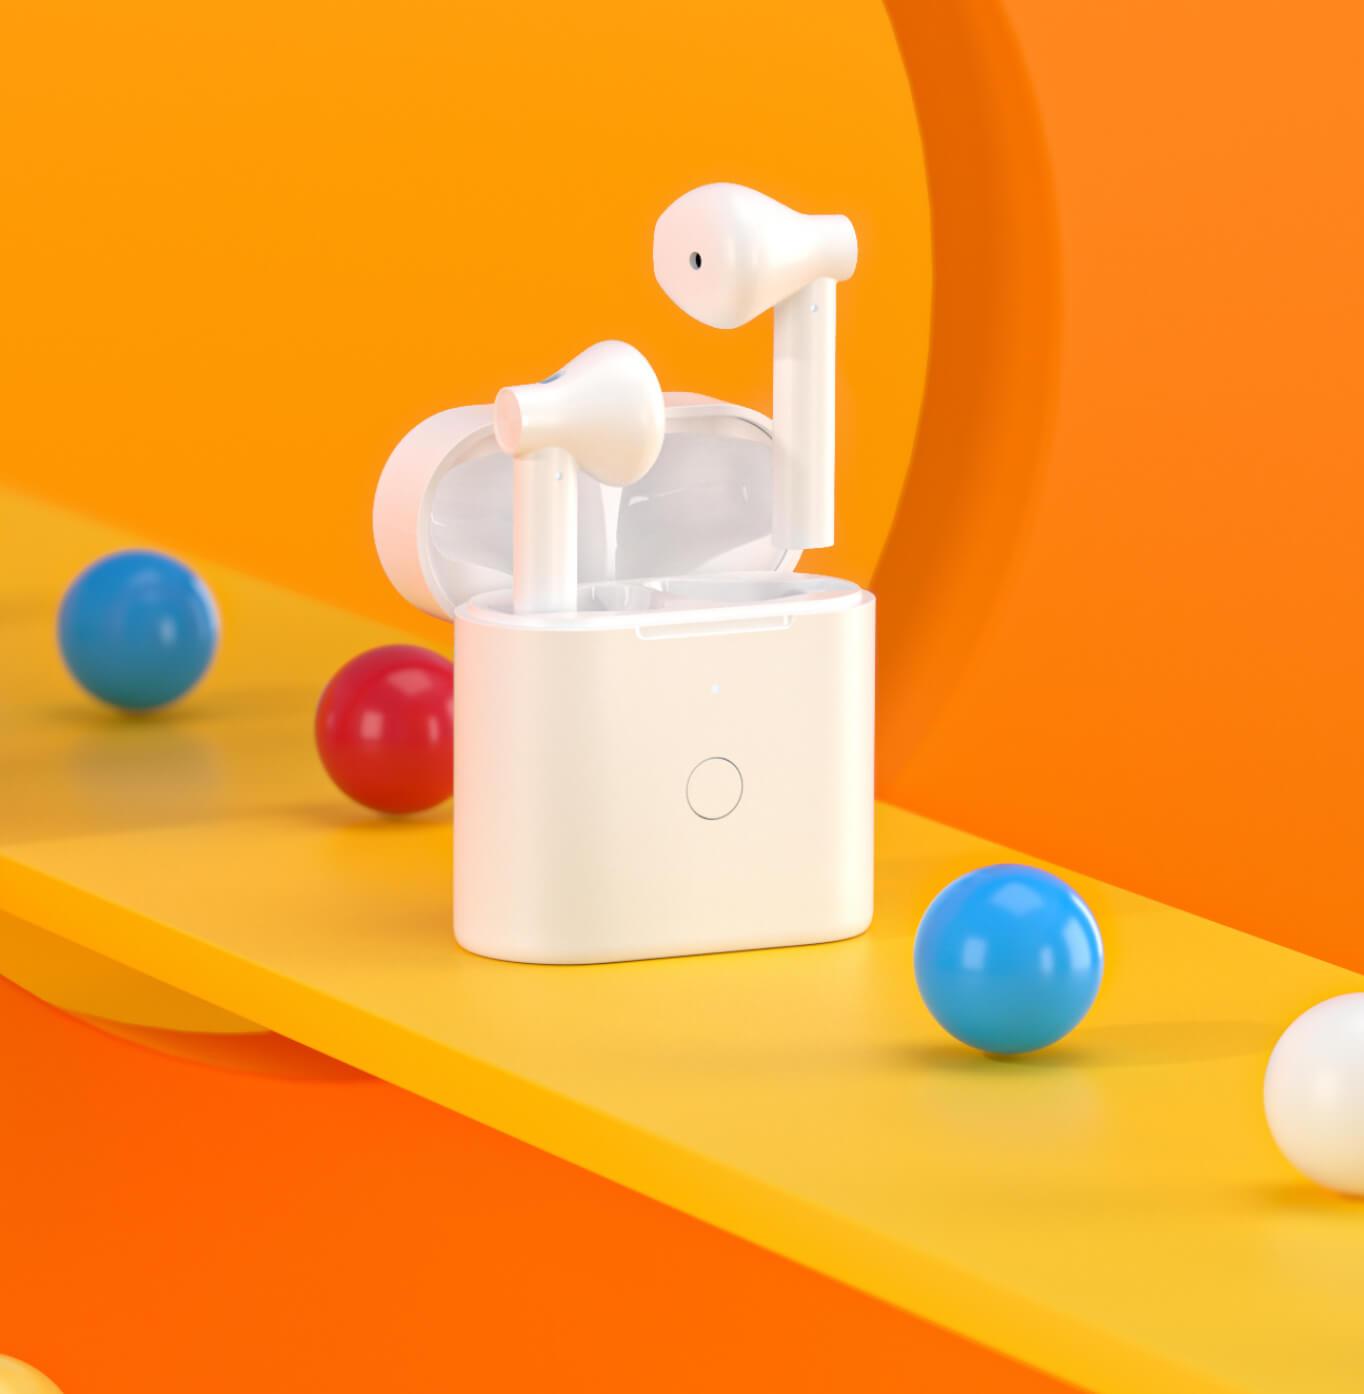 QCY T7 bezprzewodowe słuchawki